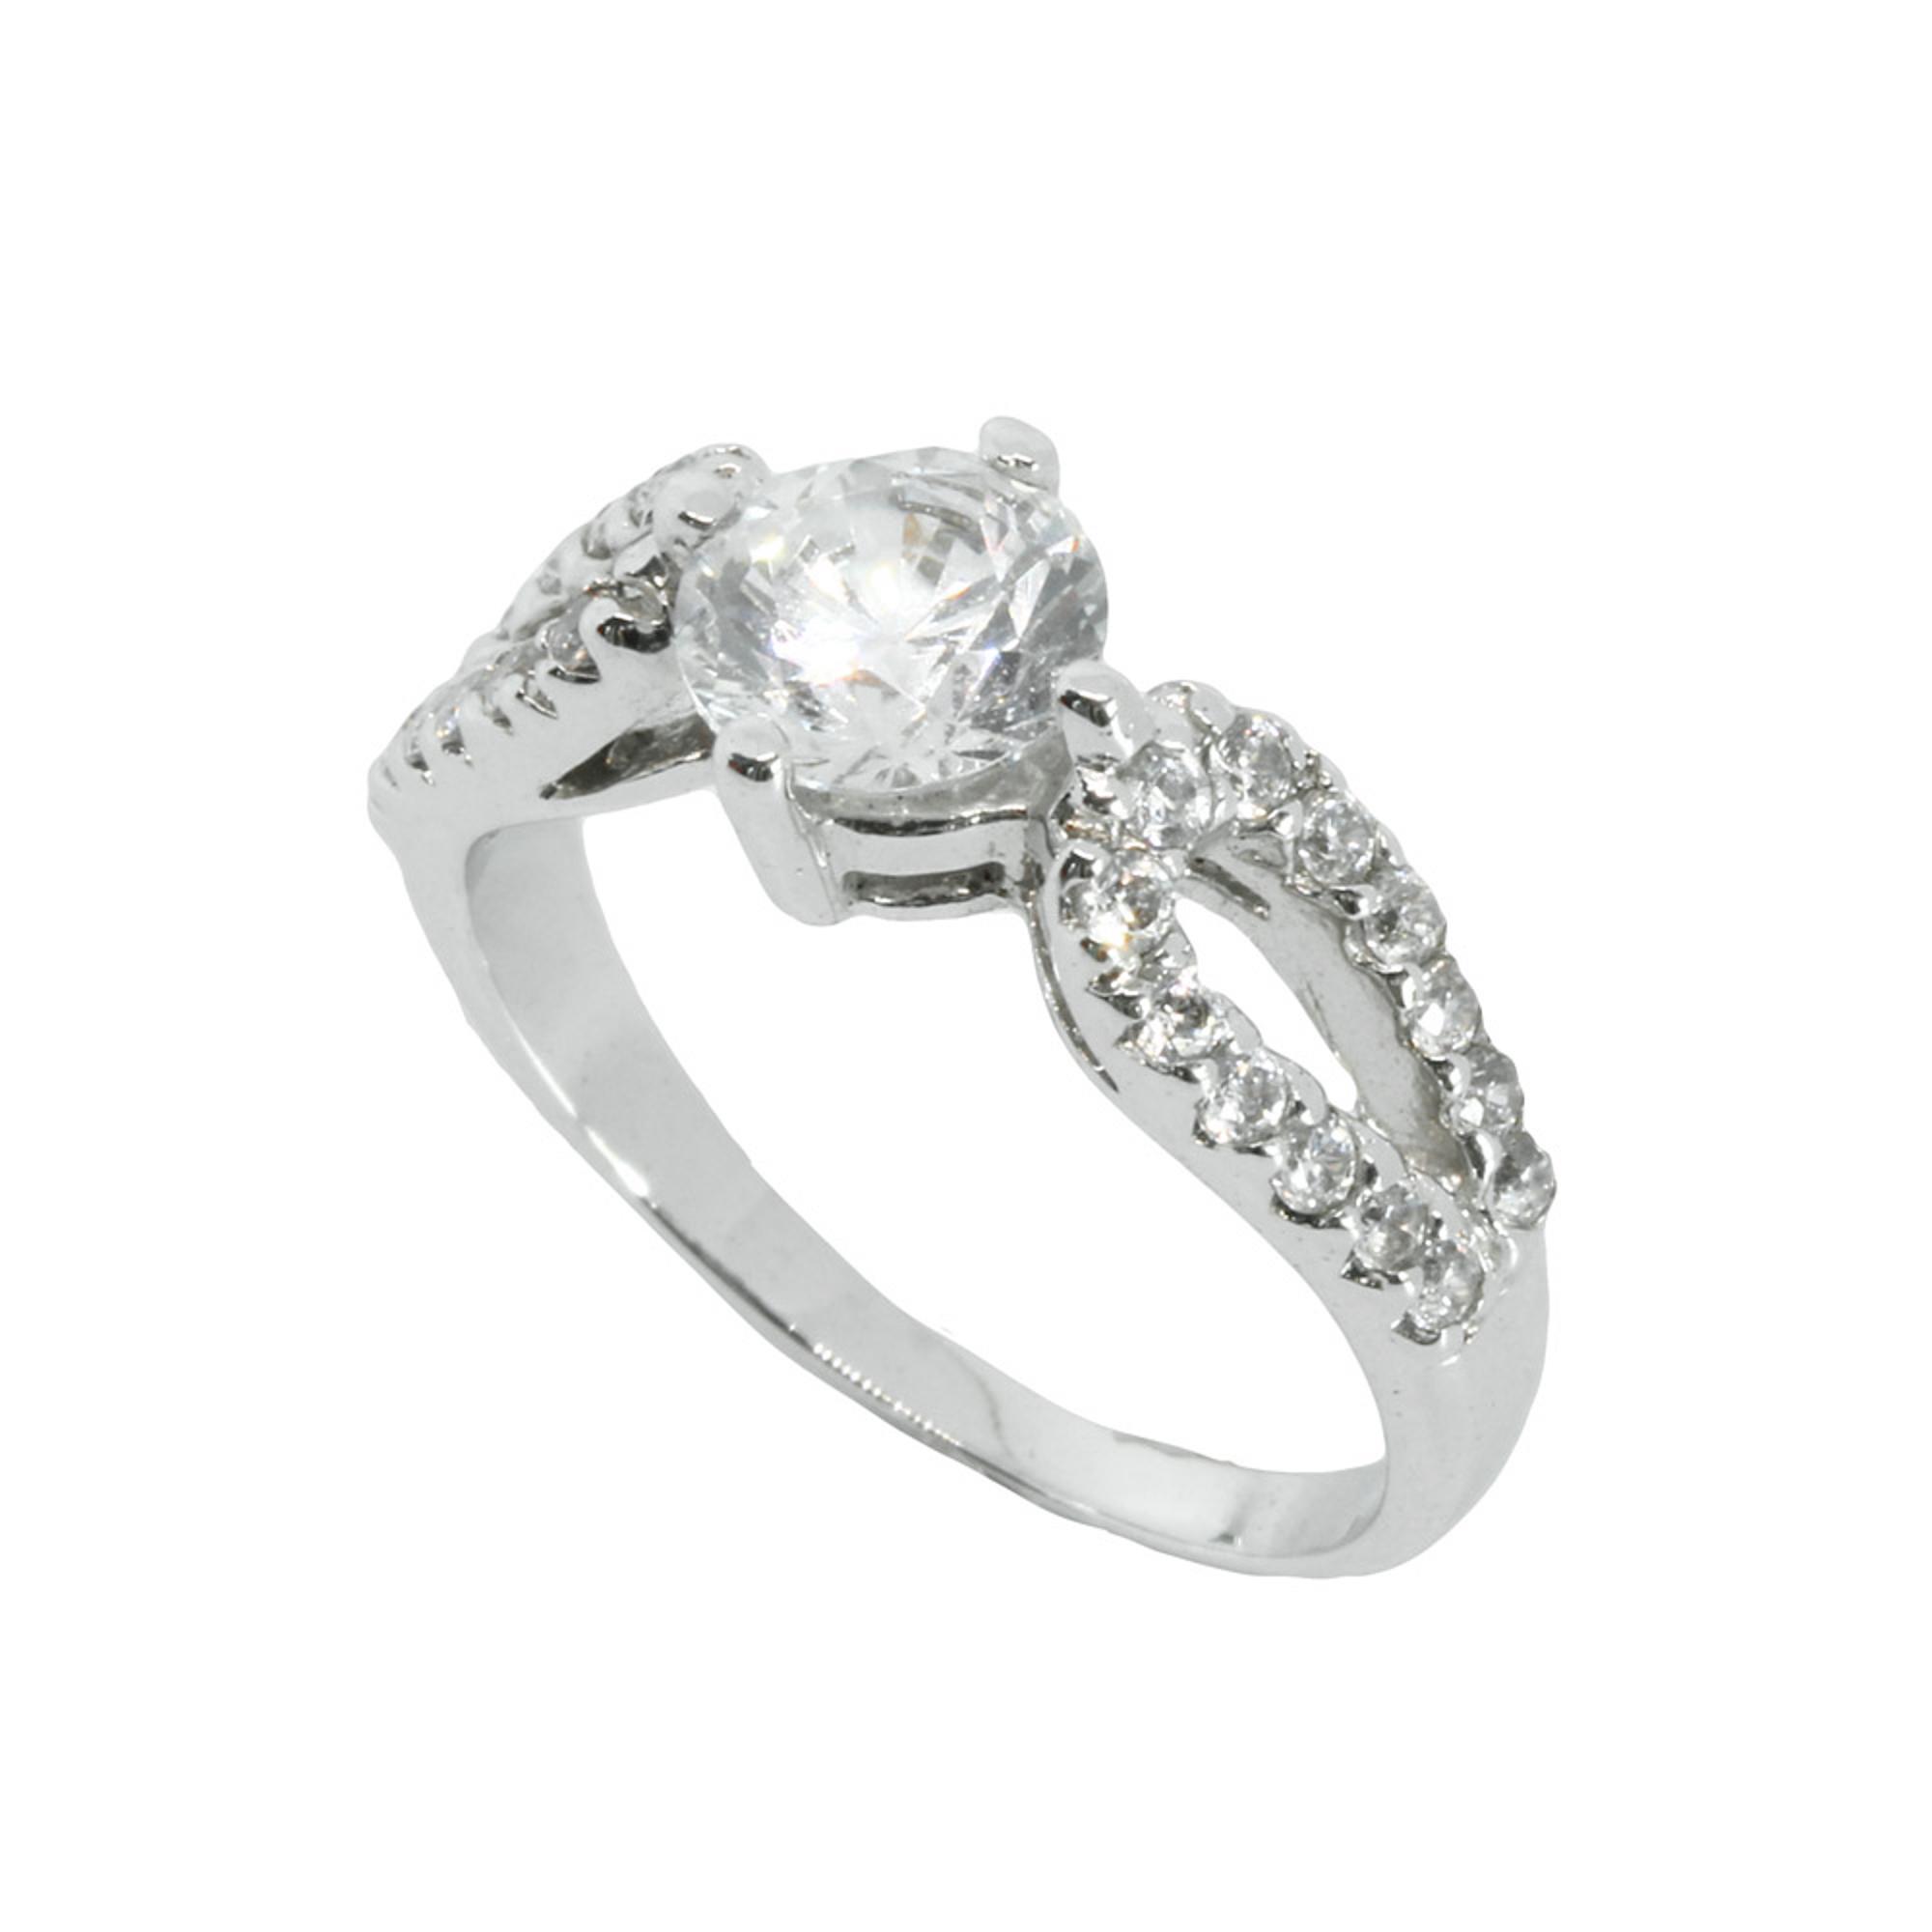 แหวนเพชรCZ หุ้มทองคำขาวแท้ ไซส์ 52